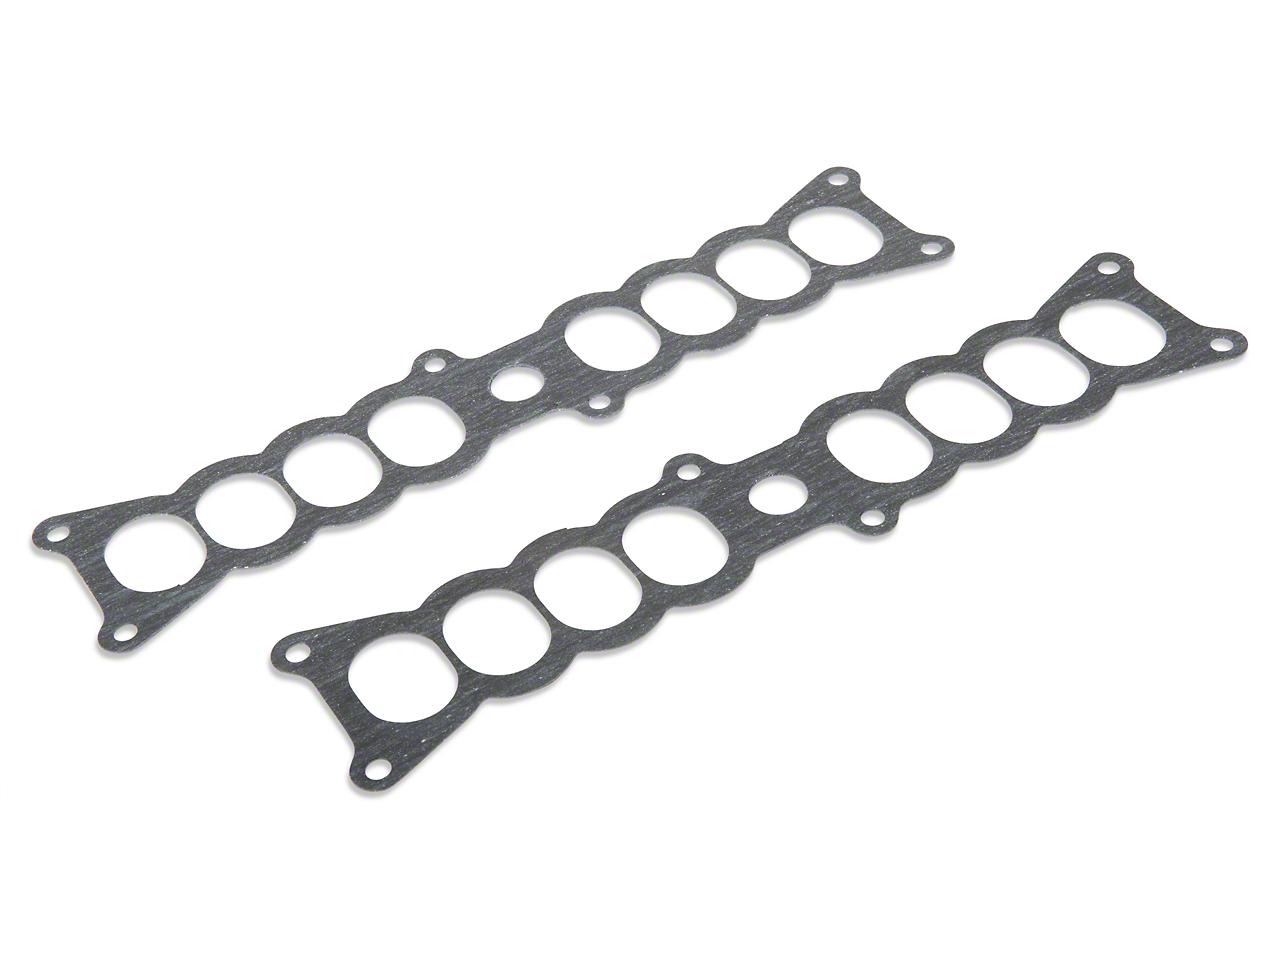 BBK Factory Intake Manifold Gasket Kit (86-93 5.0L)